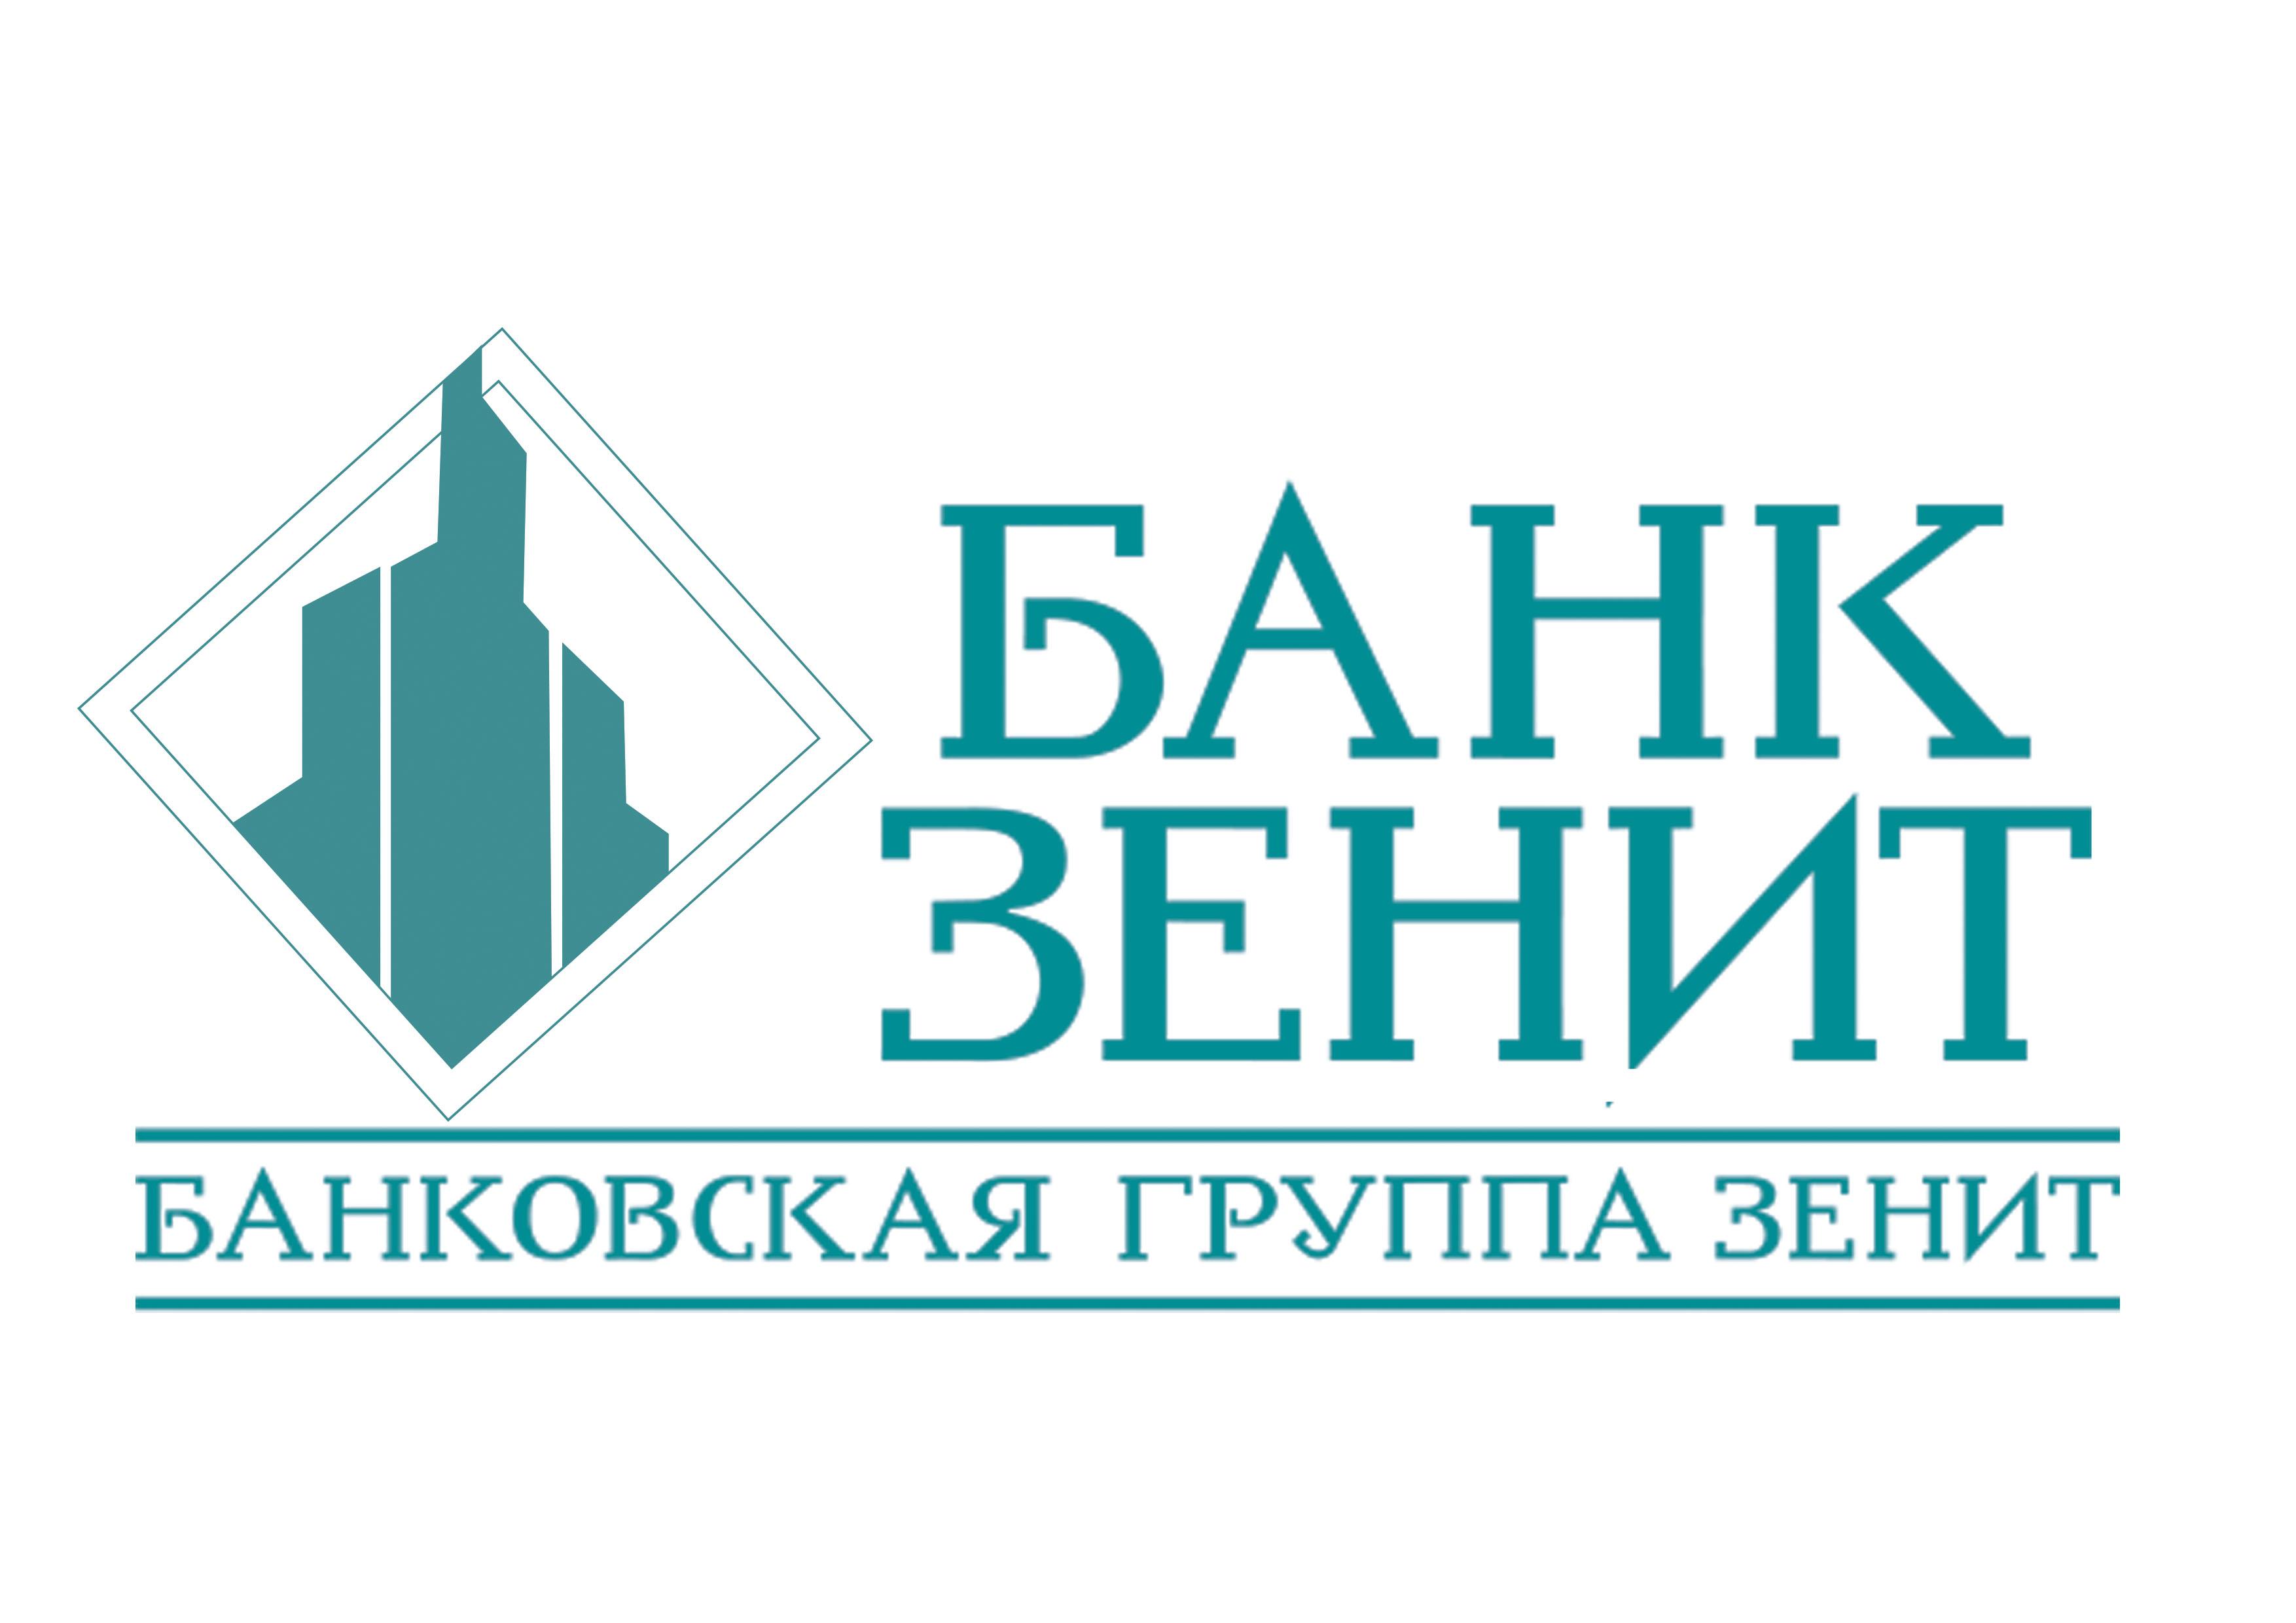 Разработка логотипа для Банка ЗЕНИТ фото f_2985b50f44e39cb4.jpg